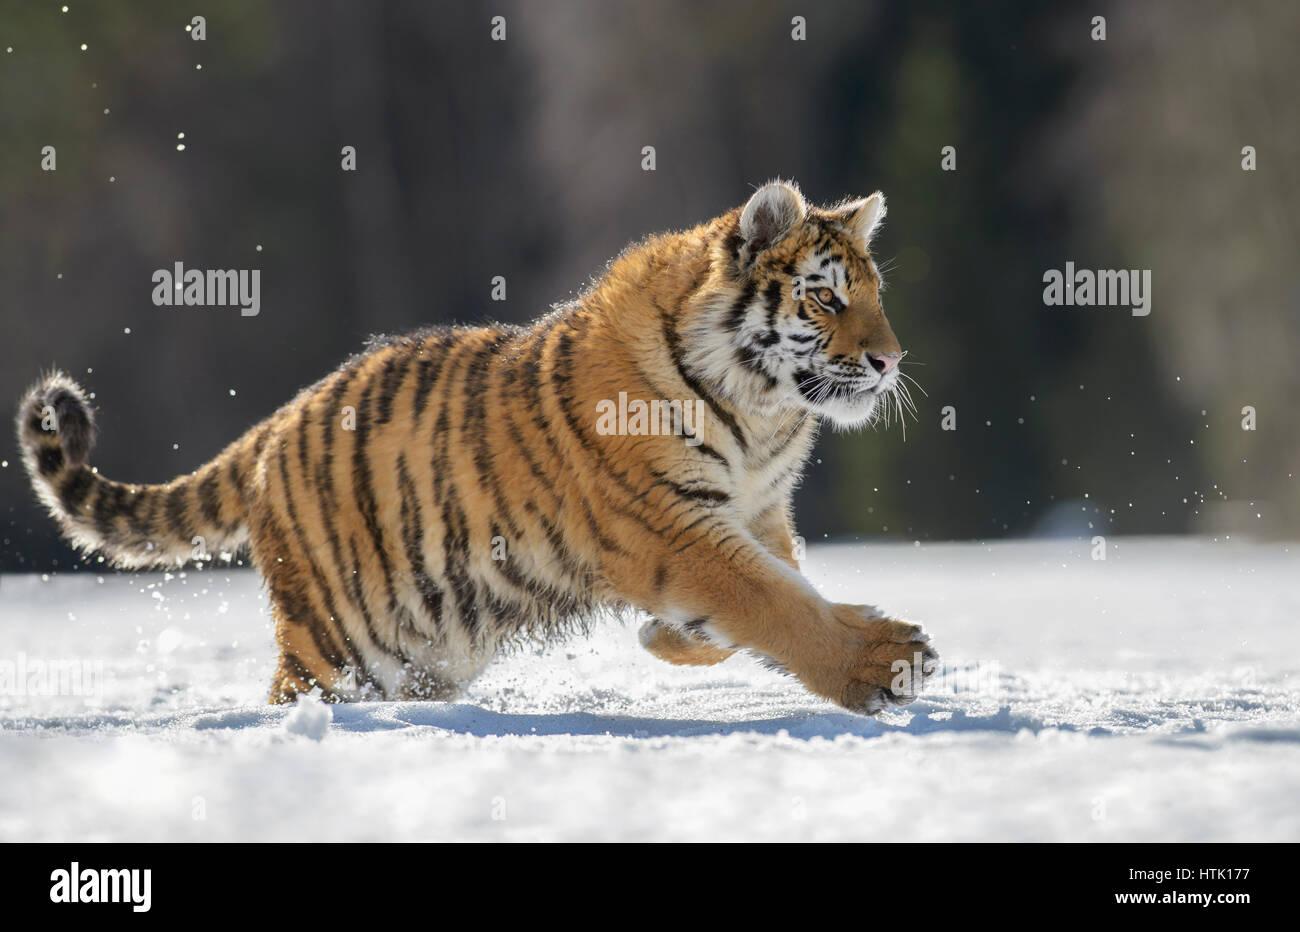 Tigre siberiano (Panthera tigris altaica) menores corriendo en la nieve, cautivo, Moravia, República Checa Imagen De Stock